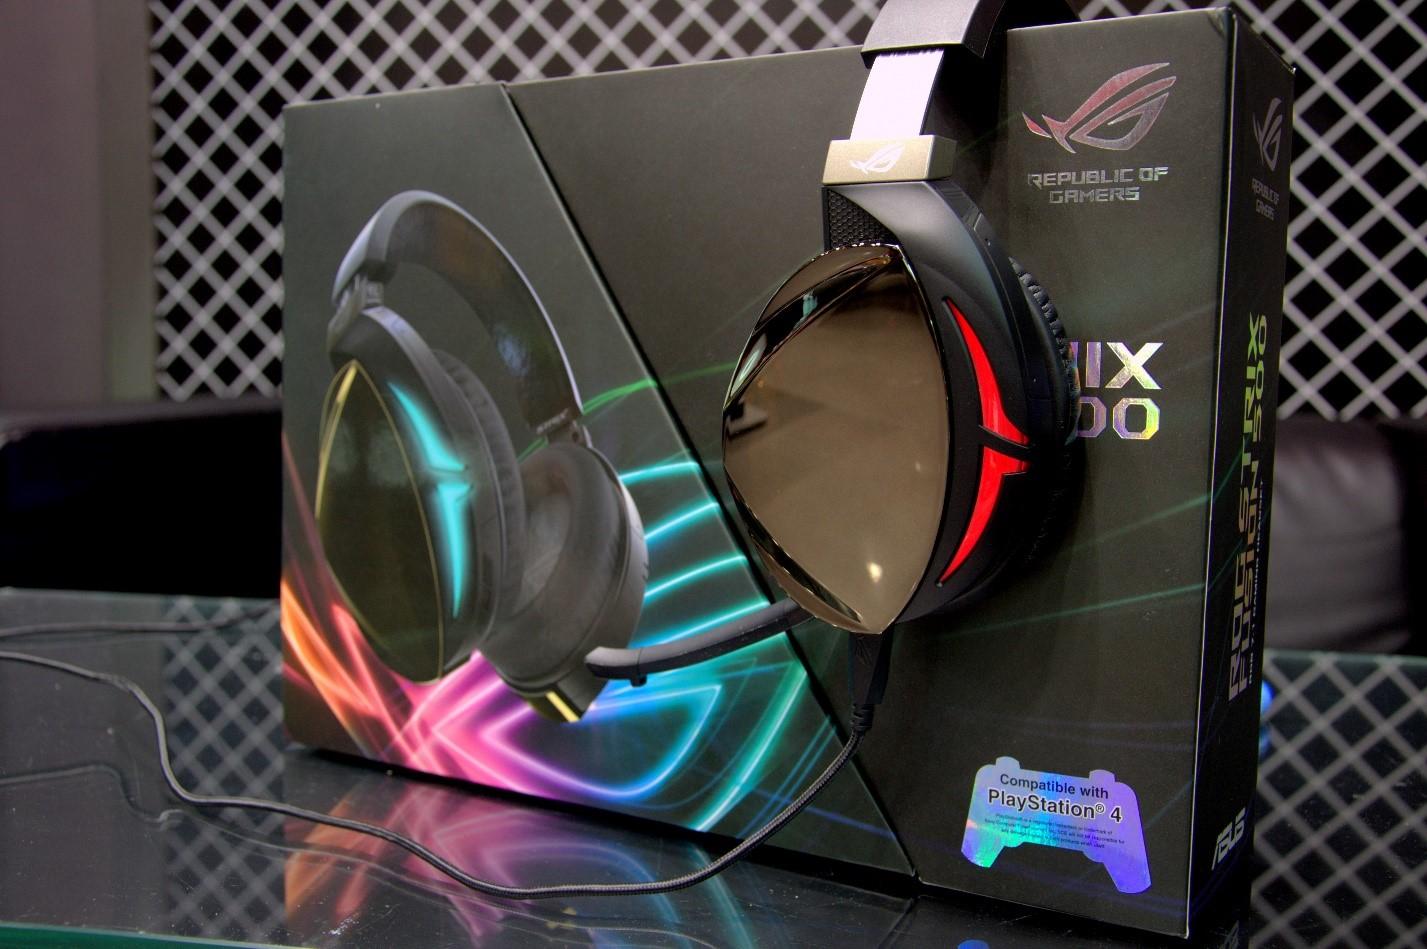 Игровая гарнитура ROG Strix Fusion 500 гарнитура и коробка